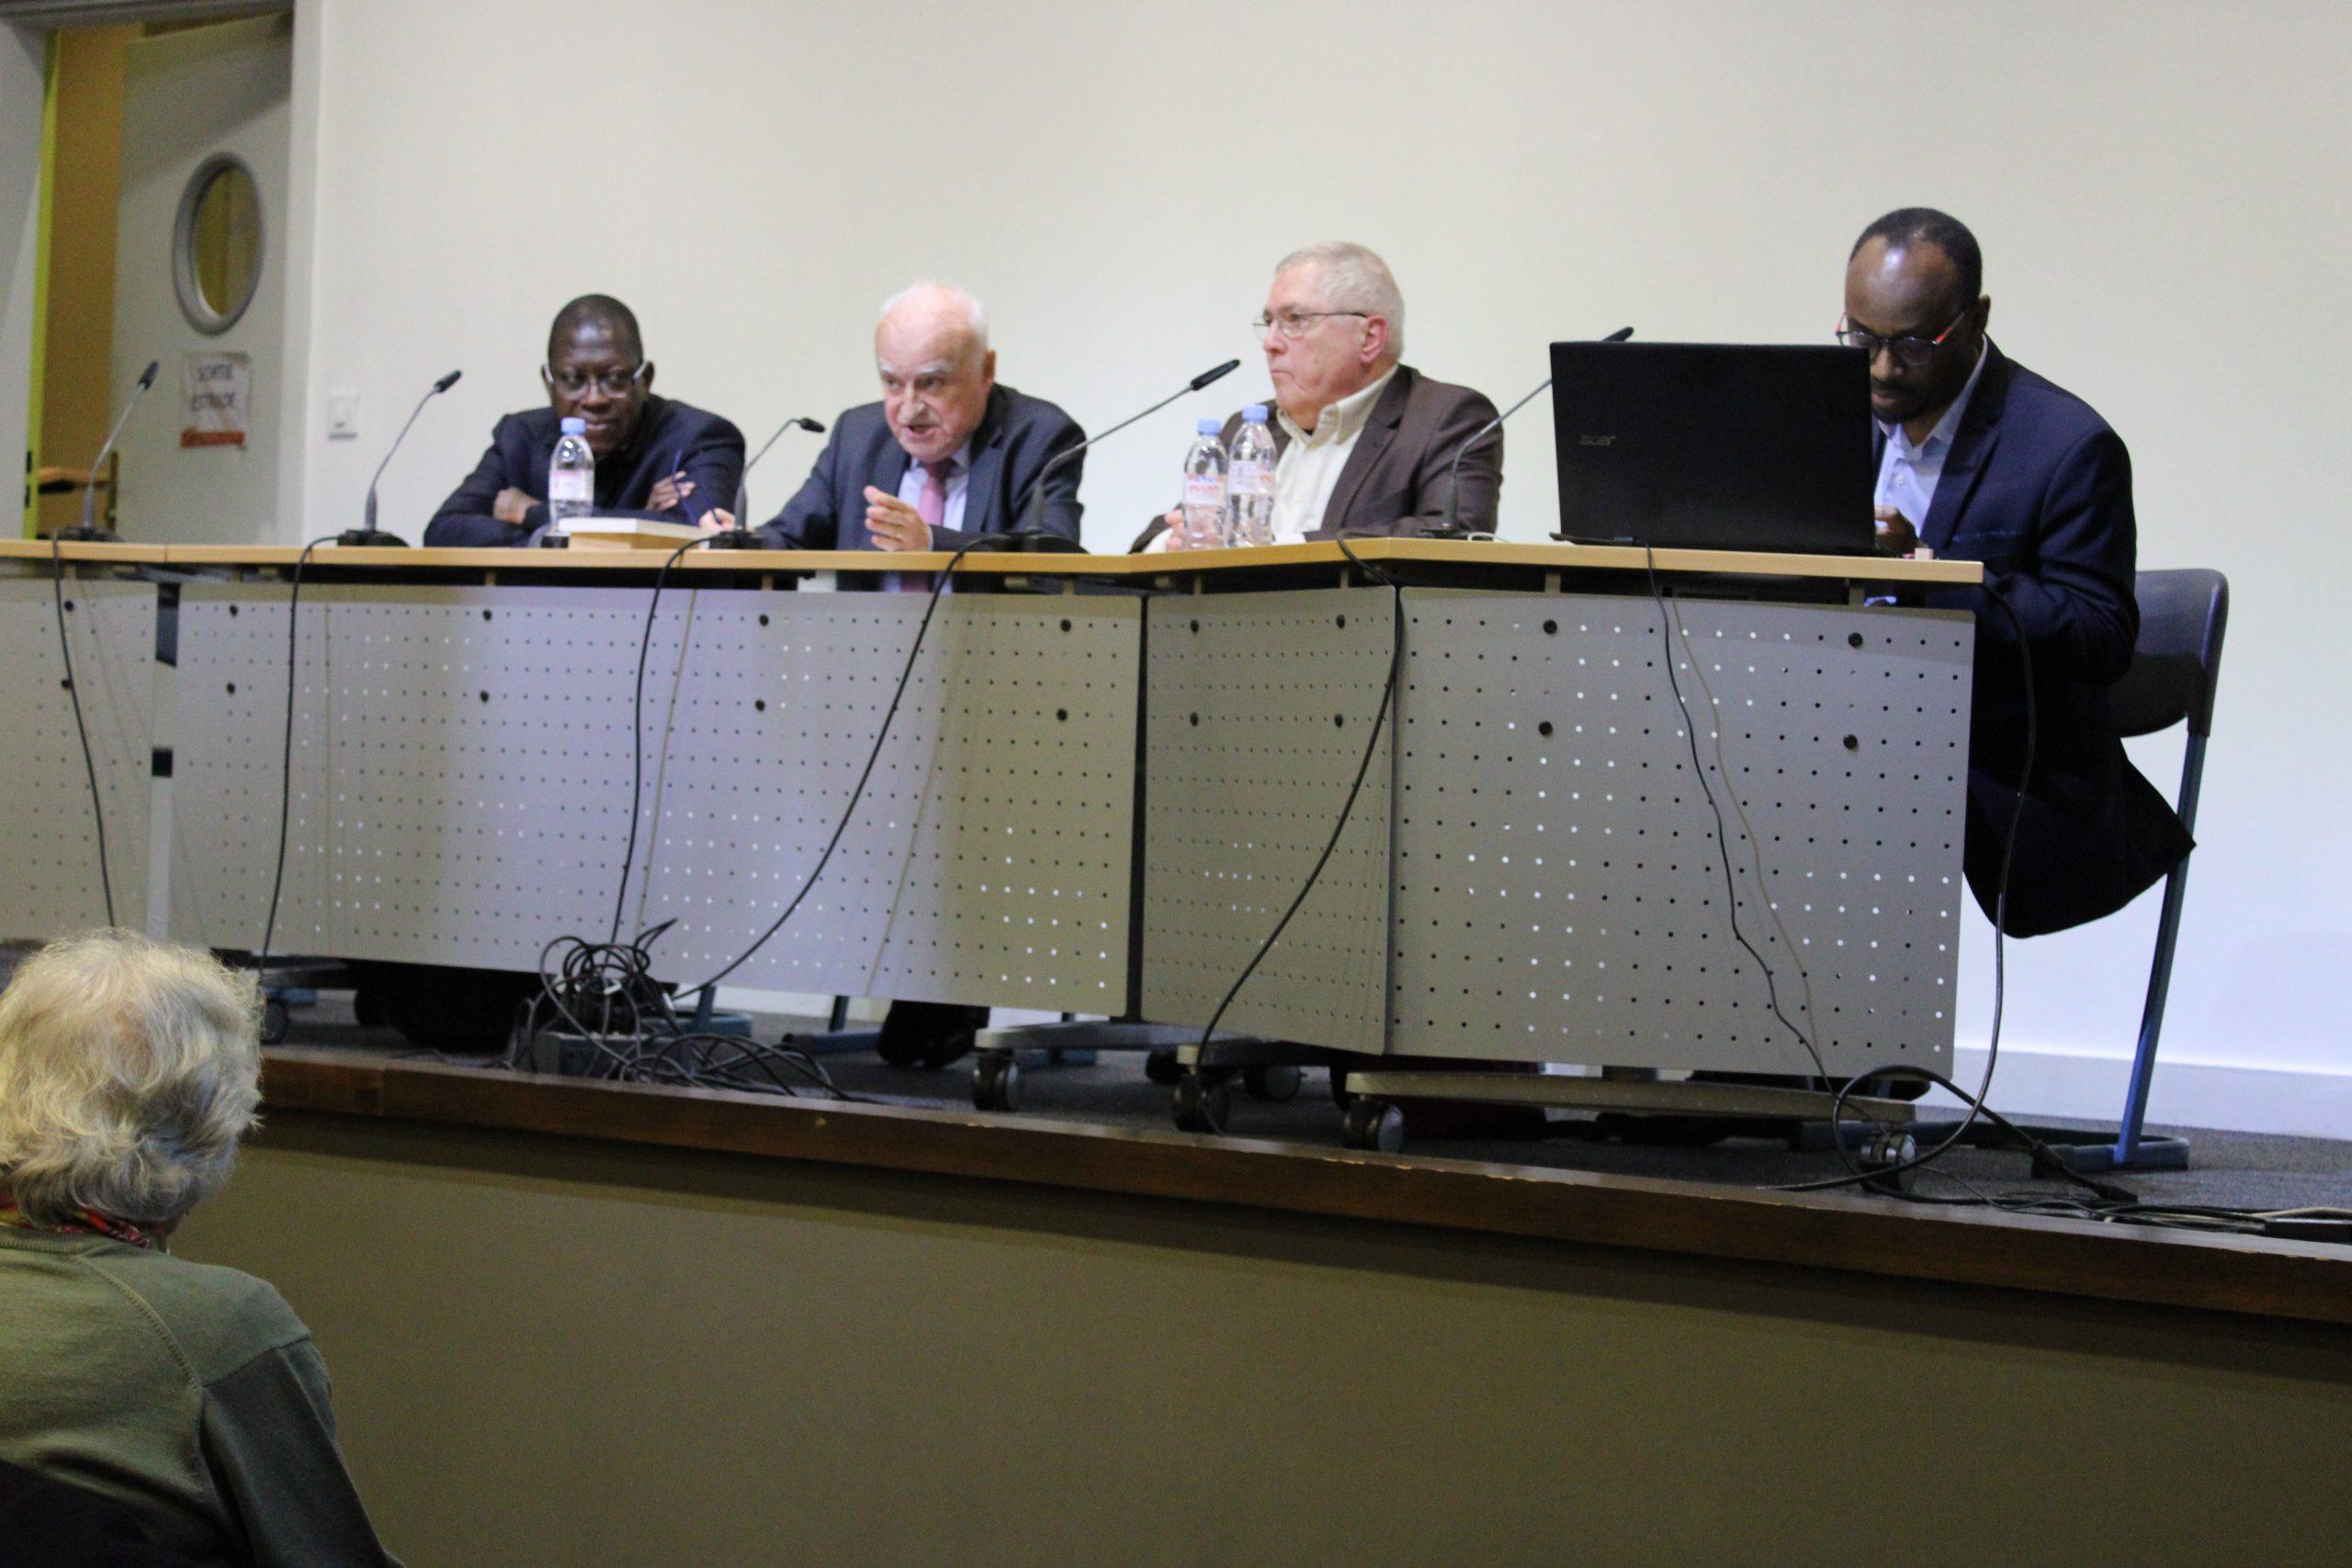 Retour en image : Conférence du 12 février 2020 organisée par l'Institut Afrique Monde | Chine–Afrique : Quelles perceptions ? Quelles réalités ? Quelles perspectives ?